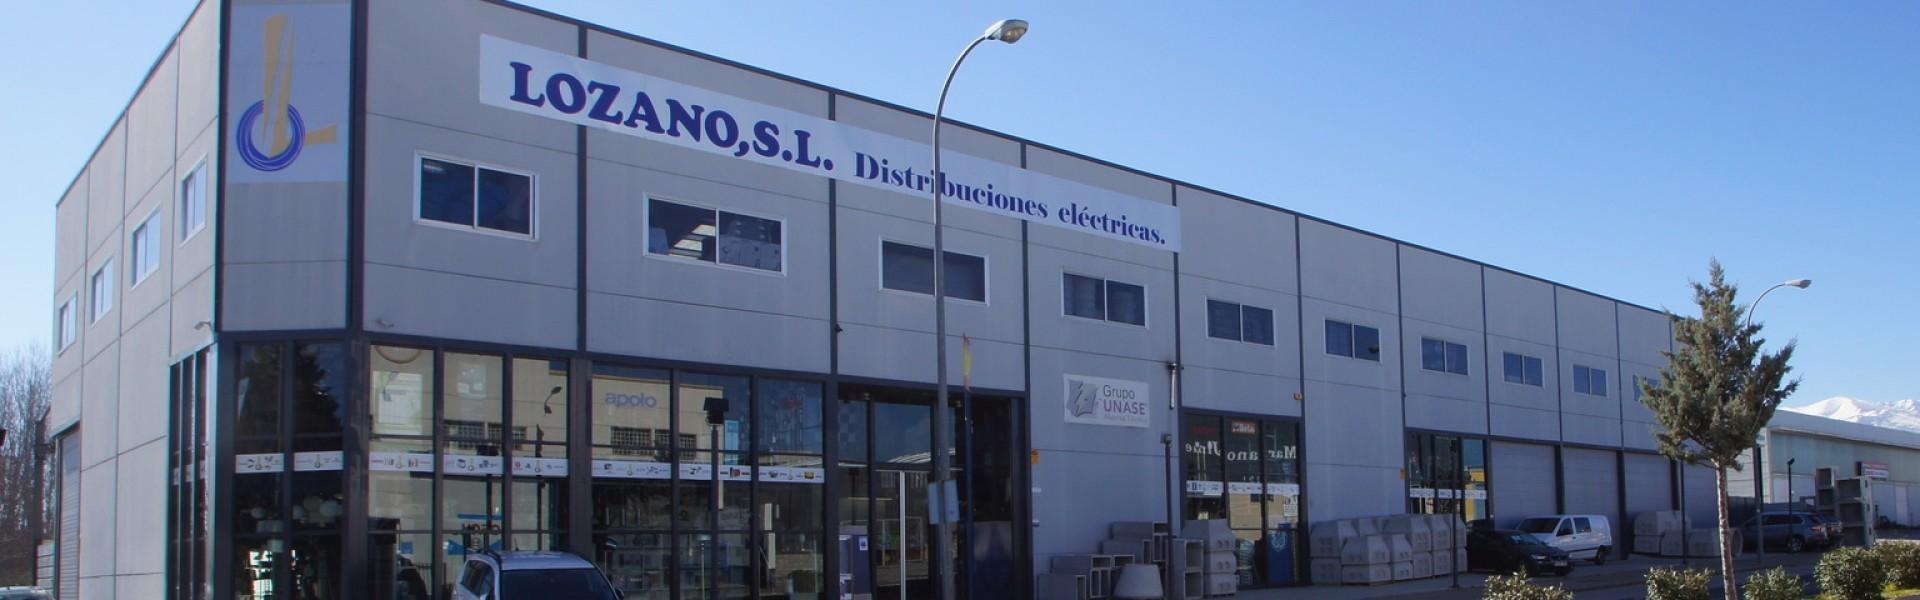 DISTRIBUCIONES ELÉCTRICAS LOZANO VILLANUEVA